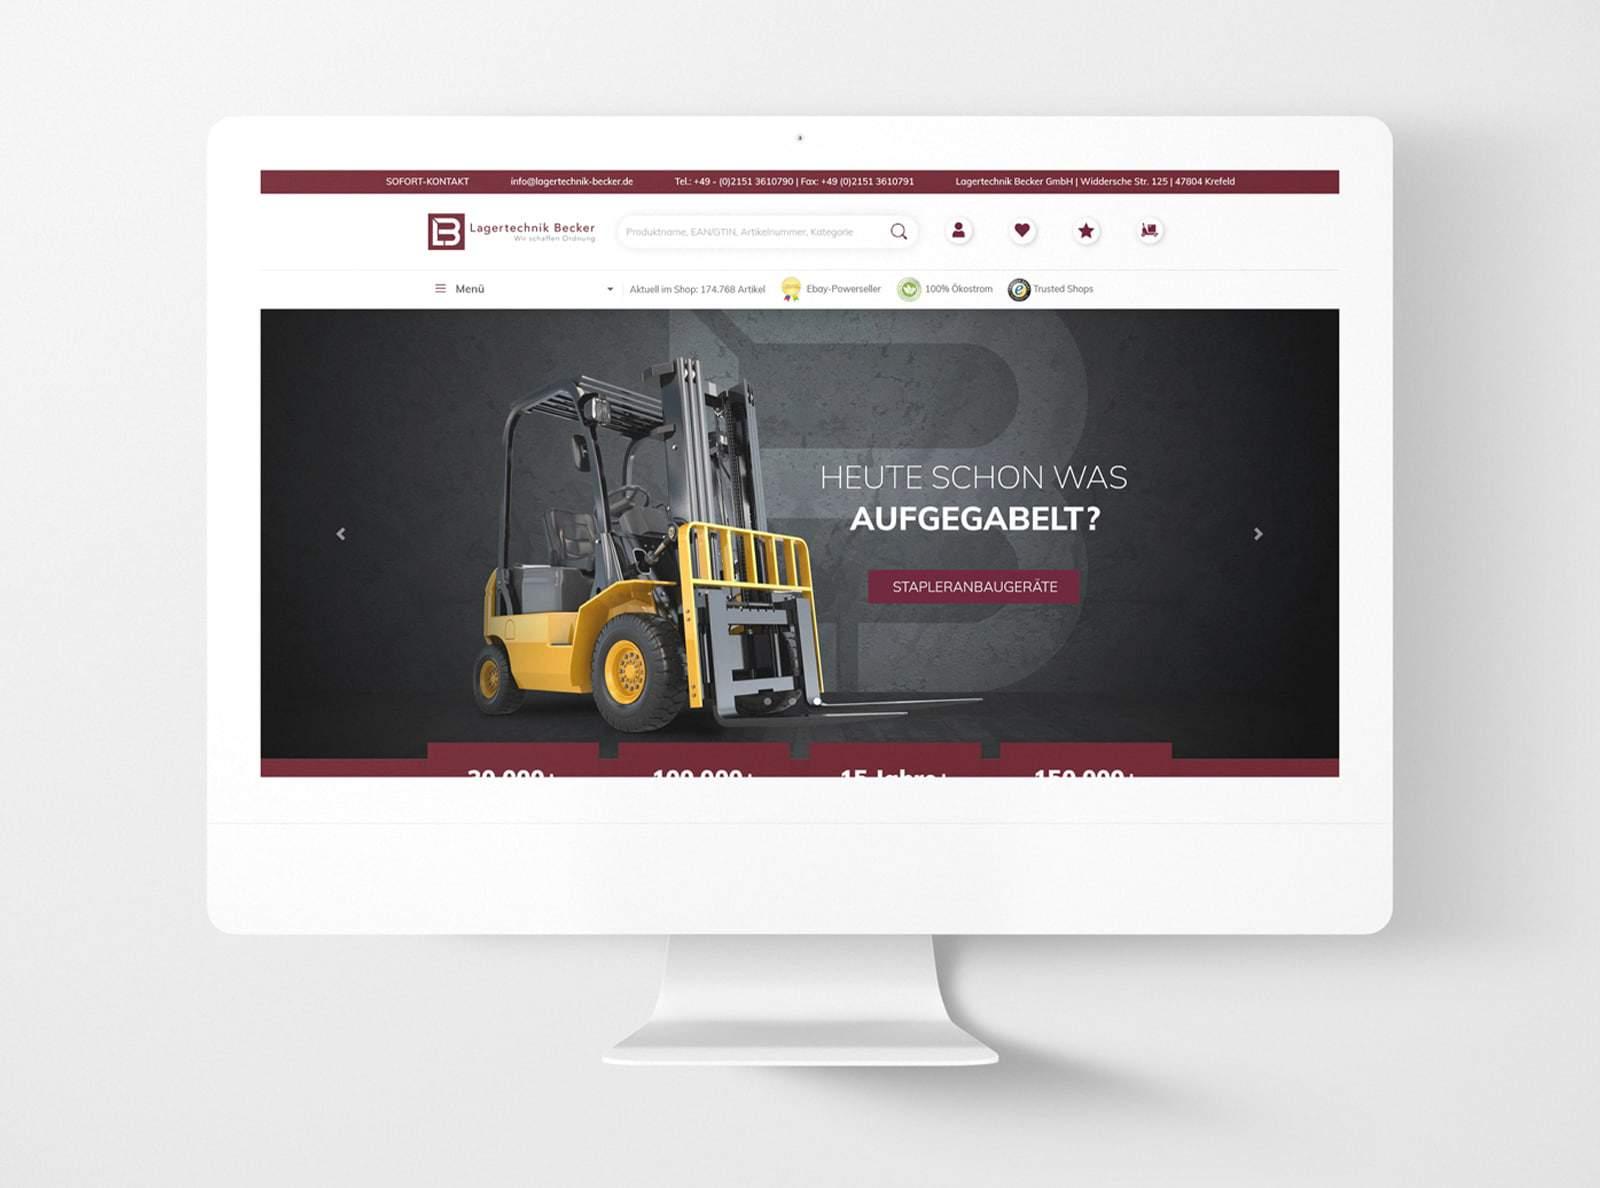 Lagertechnik-Becker-GmbH_Webshop01